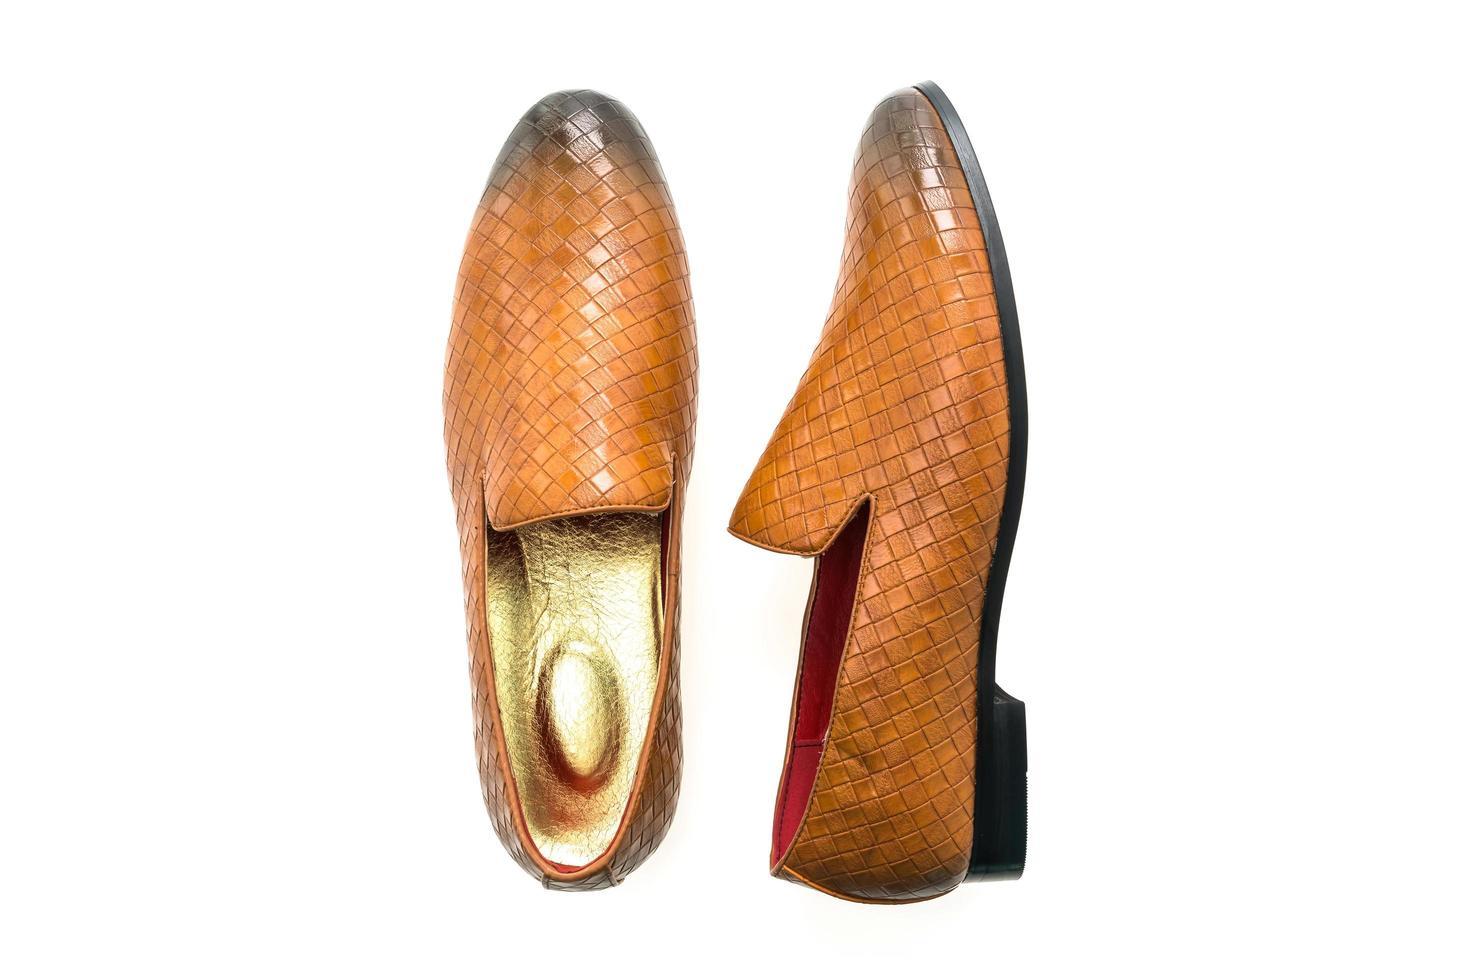 lederen schoenen op witte achtergrond foto